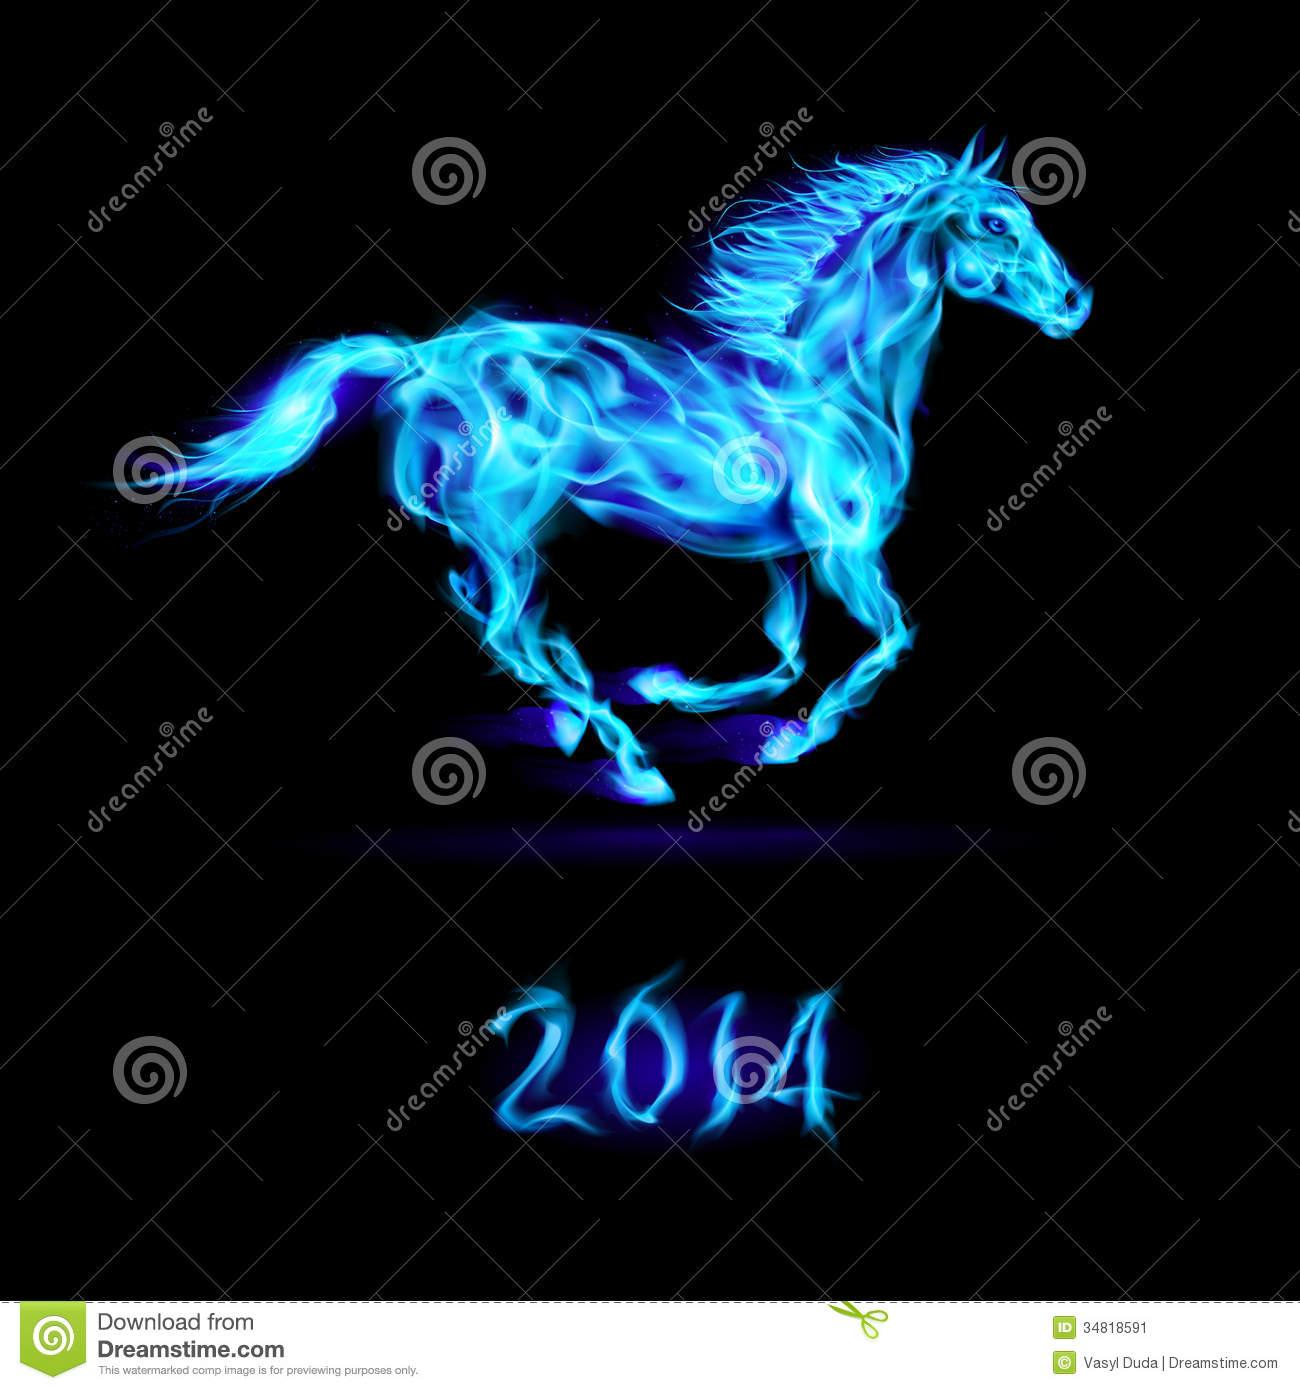 Blue Fire Horse Wallpaper New year 2014 fire horse 1300x1390